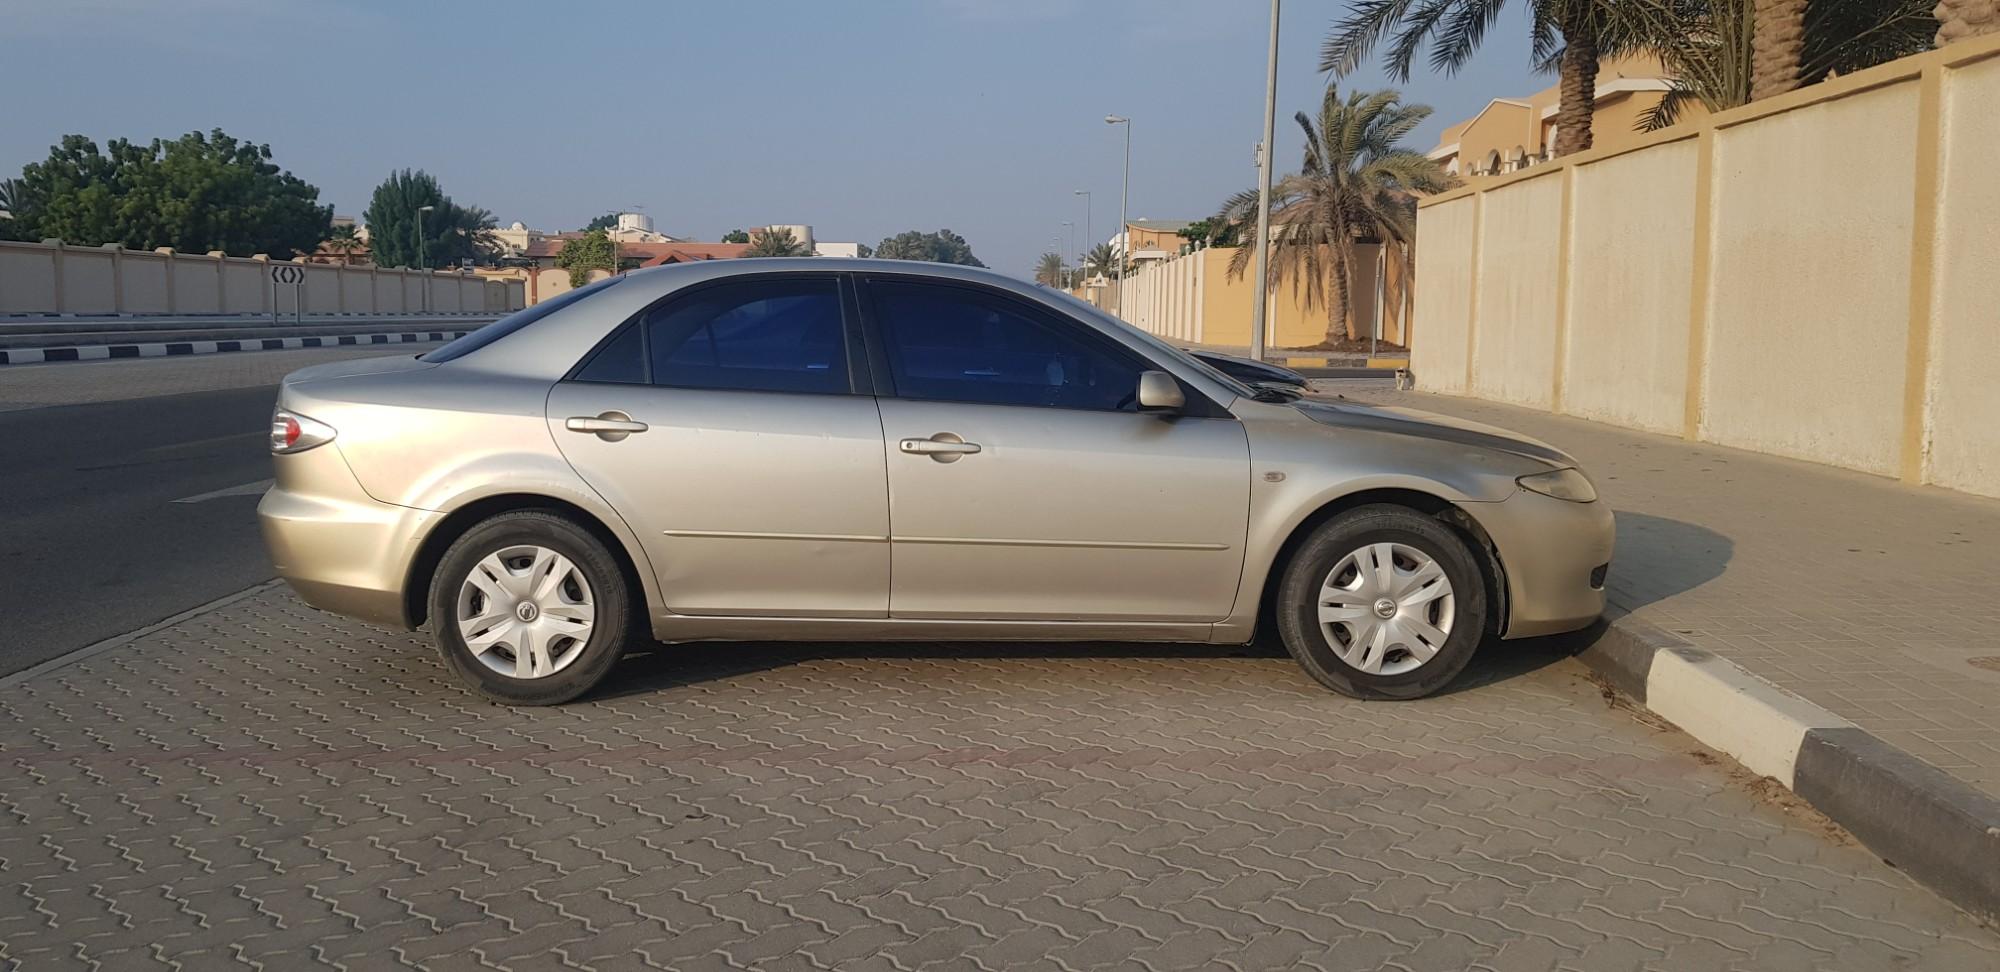 Kelebihan Mazda 2003 Top Model Tahun Ini